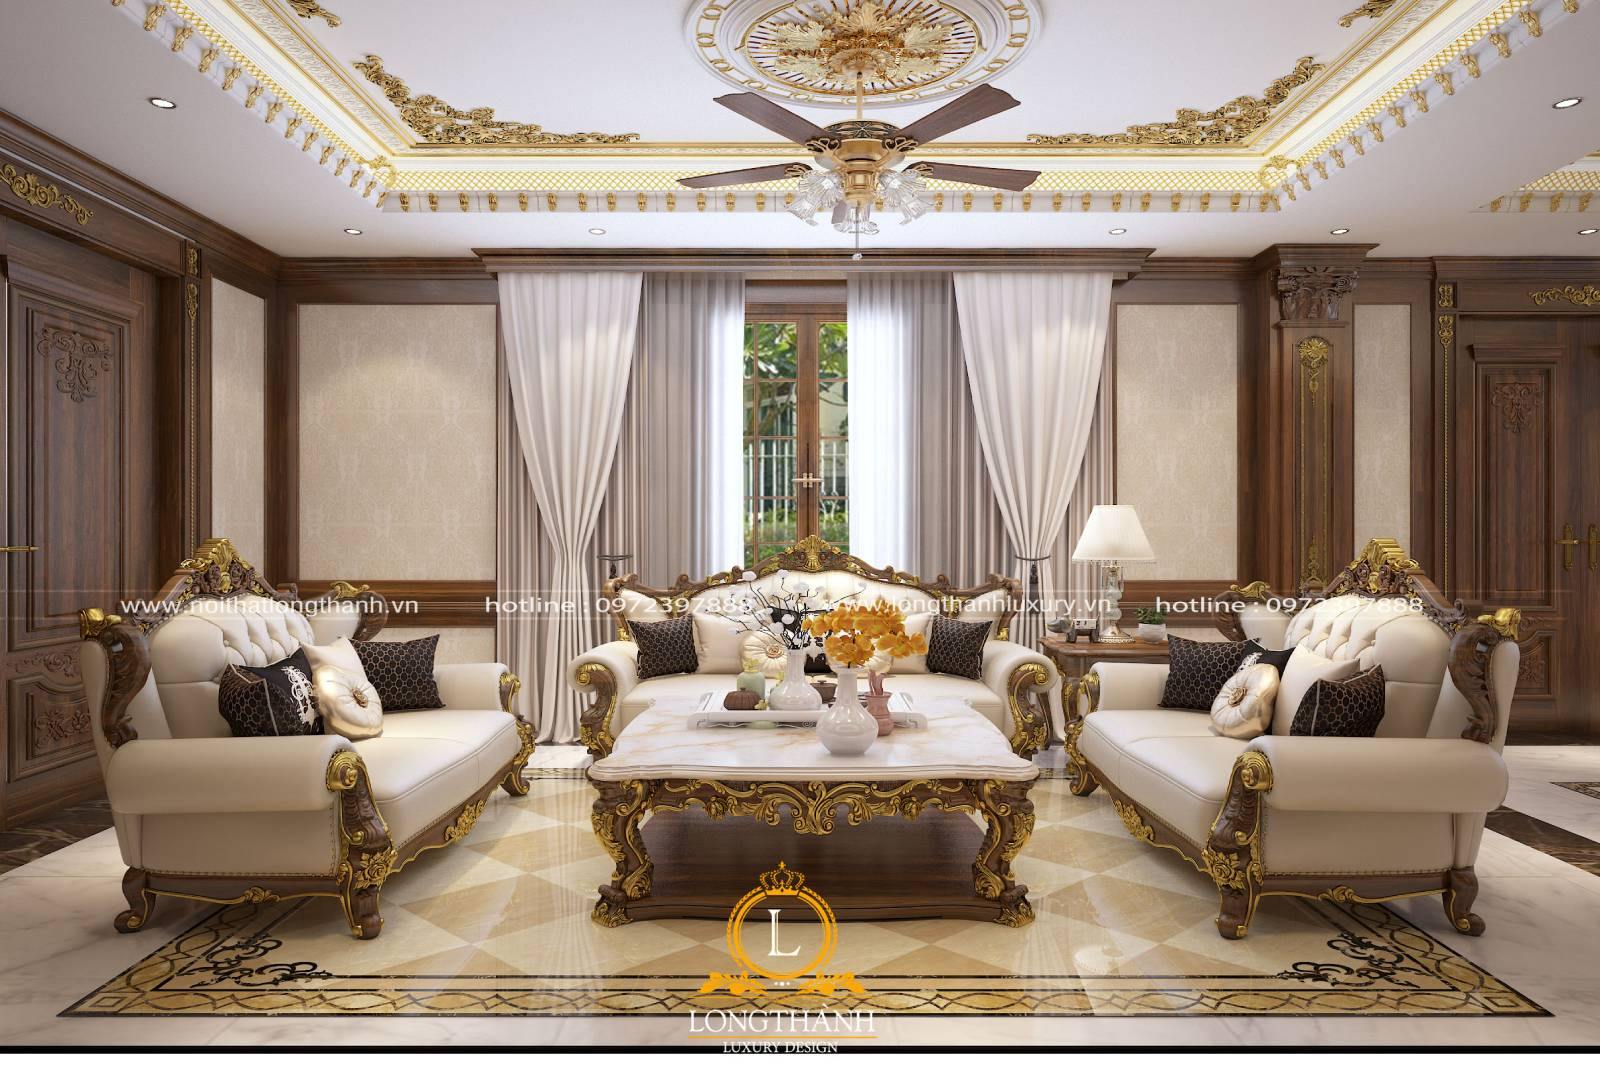 Không gia biệt thự được thiết kế đồ nội thất và trang trí các diện  trần tường theo phong cách tân cổ điển